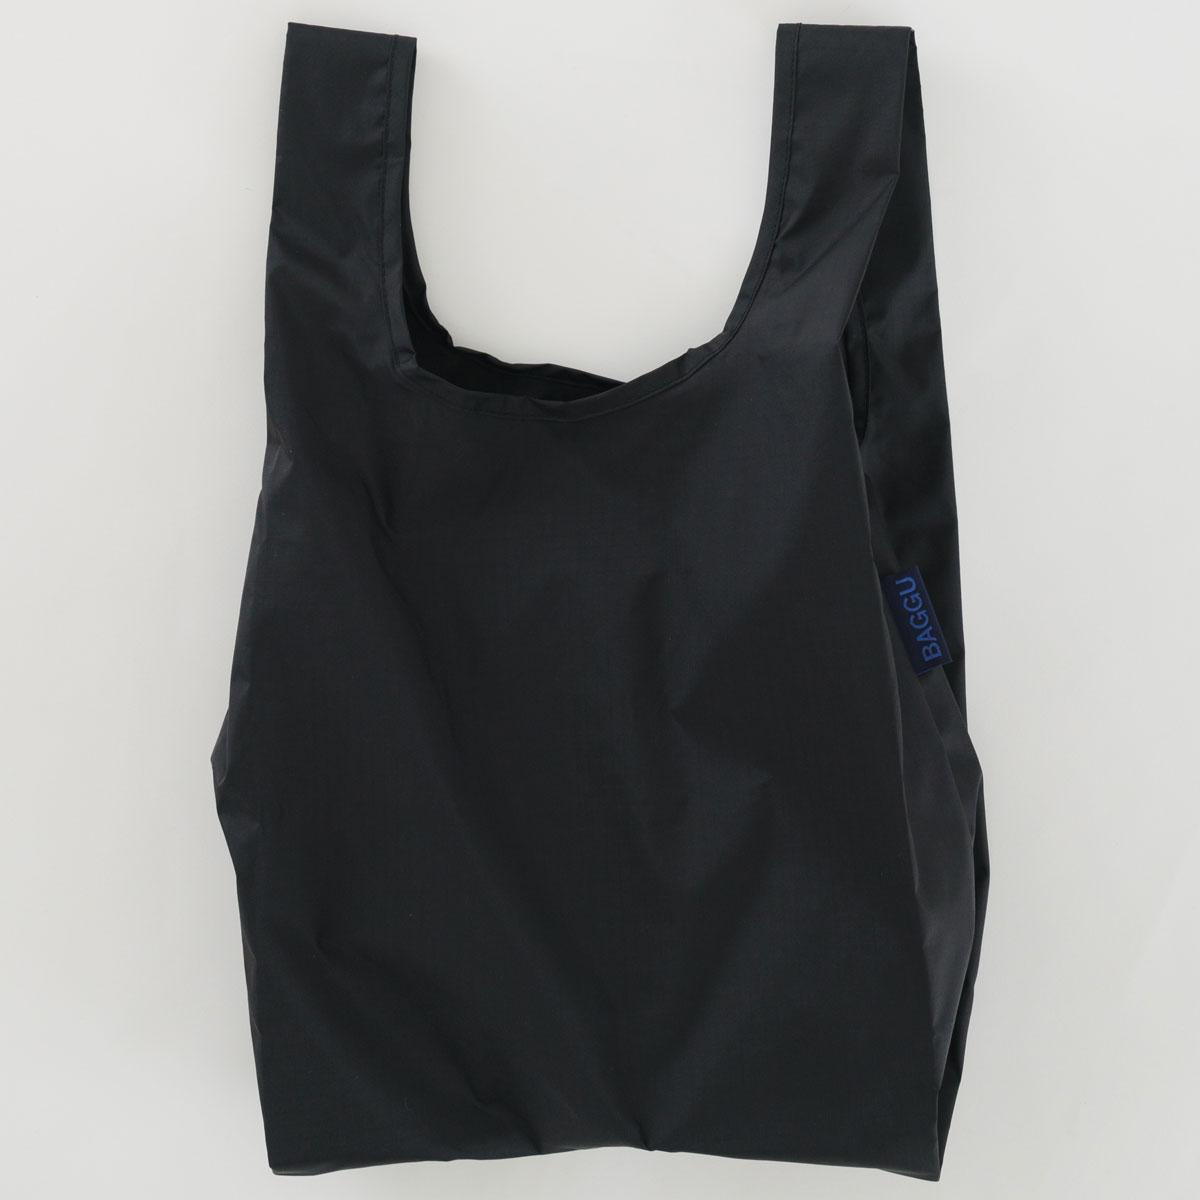 3 980円以上で送料無料 BAGGUのエコバッグ BABY BAGGU 無地 ブラックがおしゃれ 激安超特価 折りたたみ ショッピングバッグ エコバッグ ブラック ベビー バグゥ スーパーセール期間限定